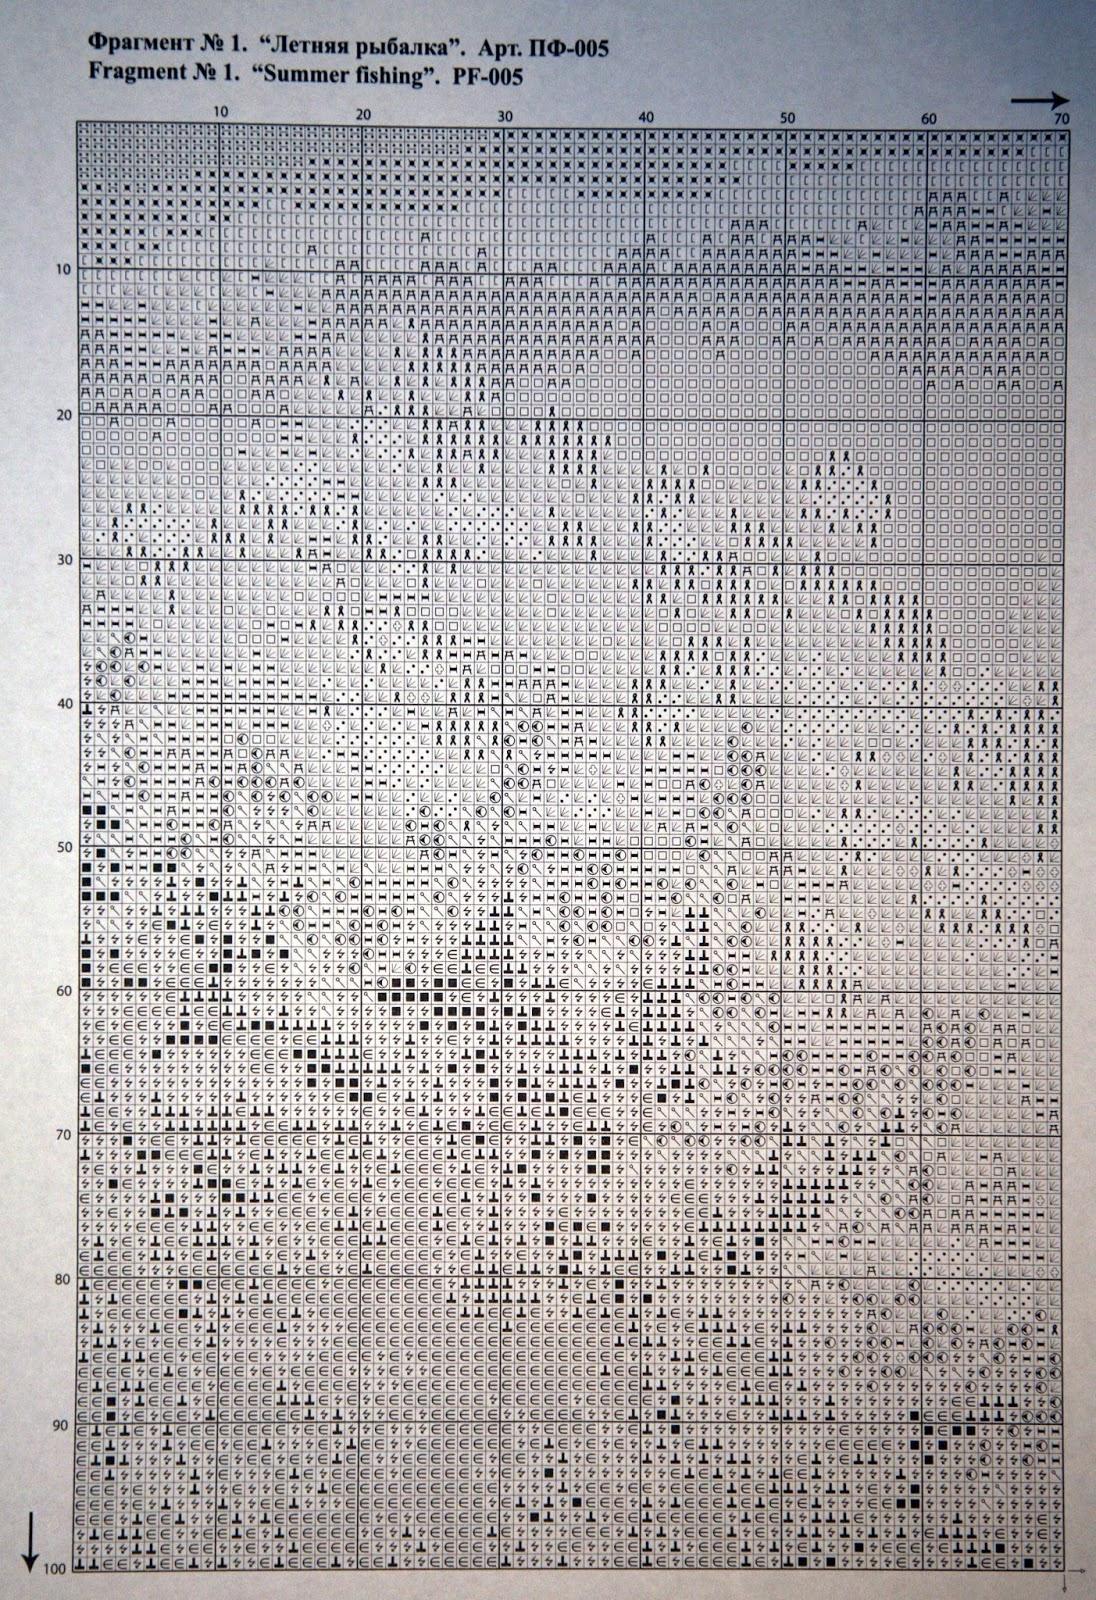 Схема вышивки летняя рыбалка 40